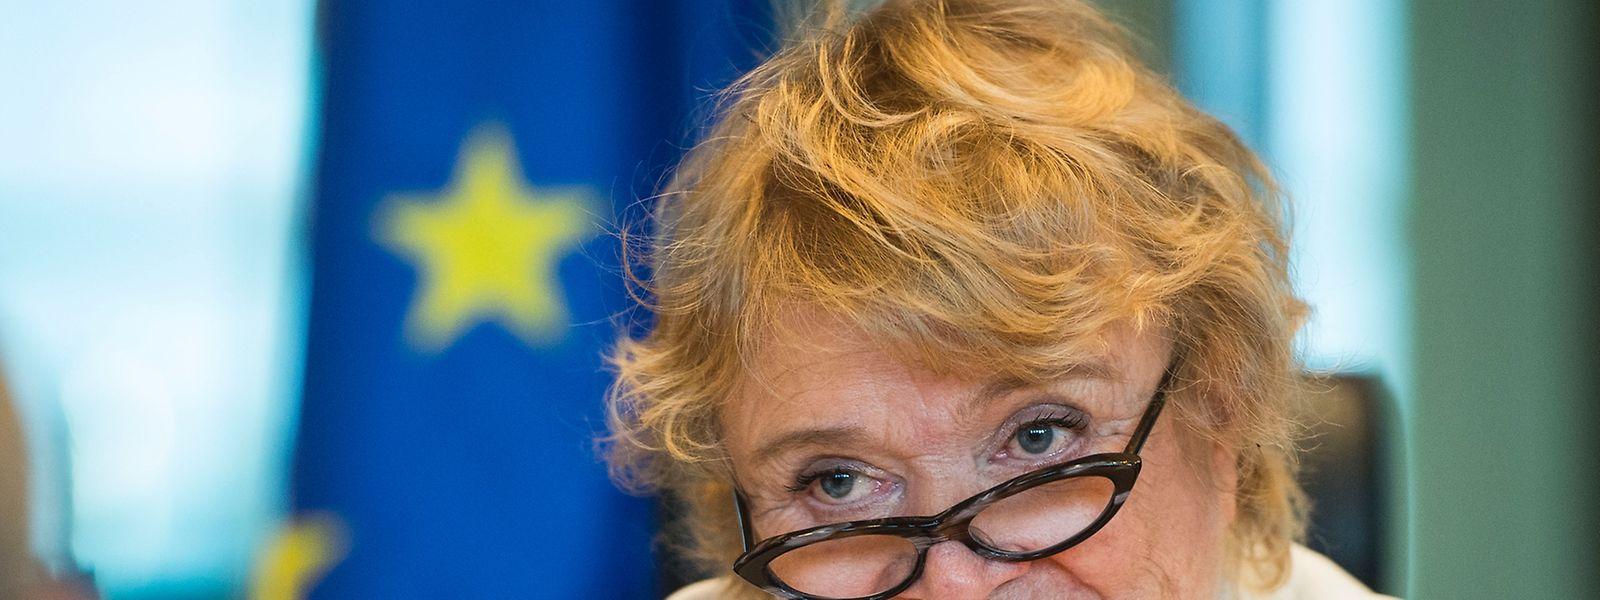 Eva Joly est membre du Parlement européen depuis 2009.